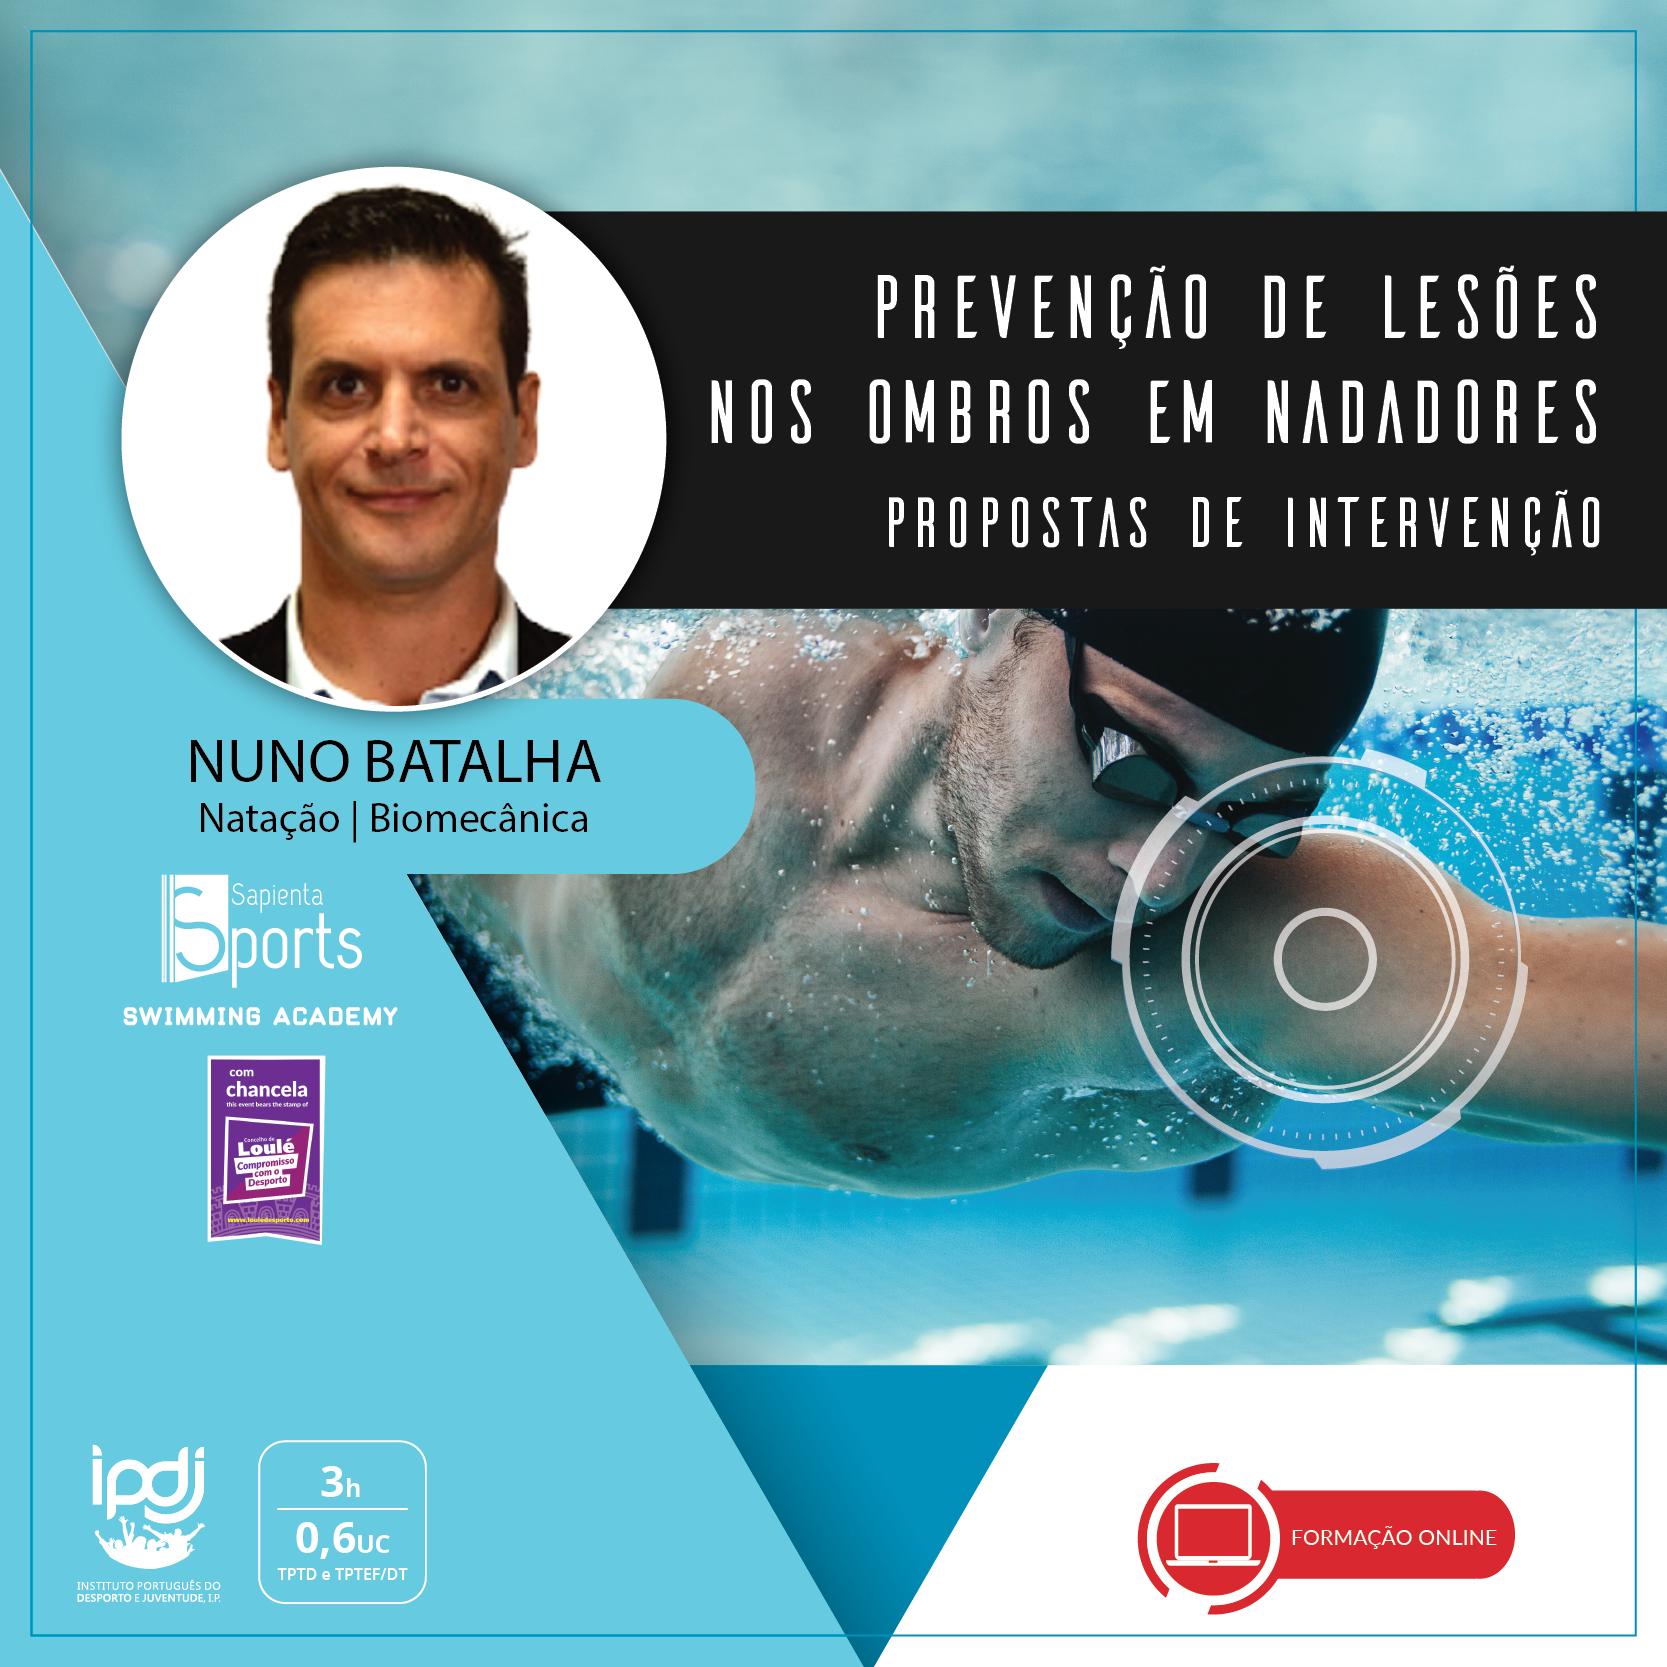 Prevenção de Lesões nos ombros em Nadadores | Propostas de Intervenção